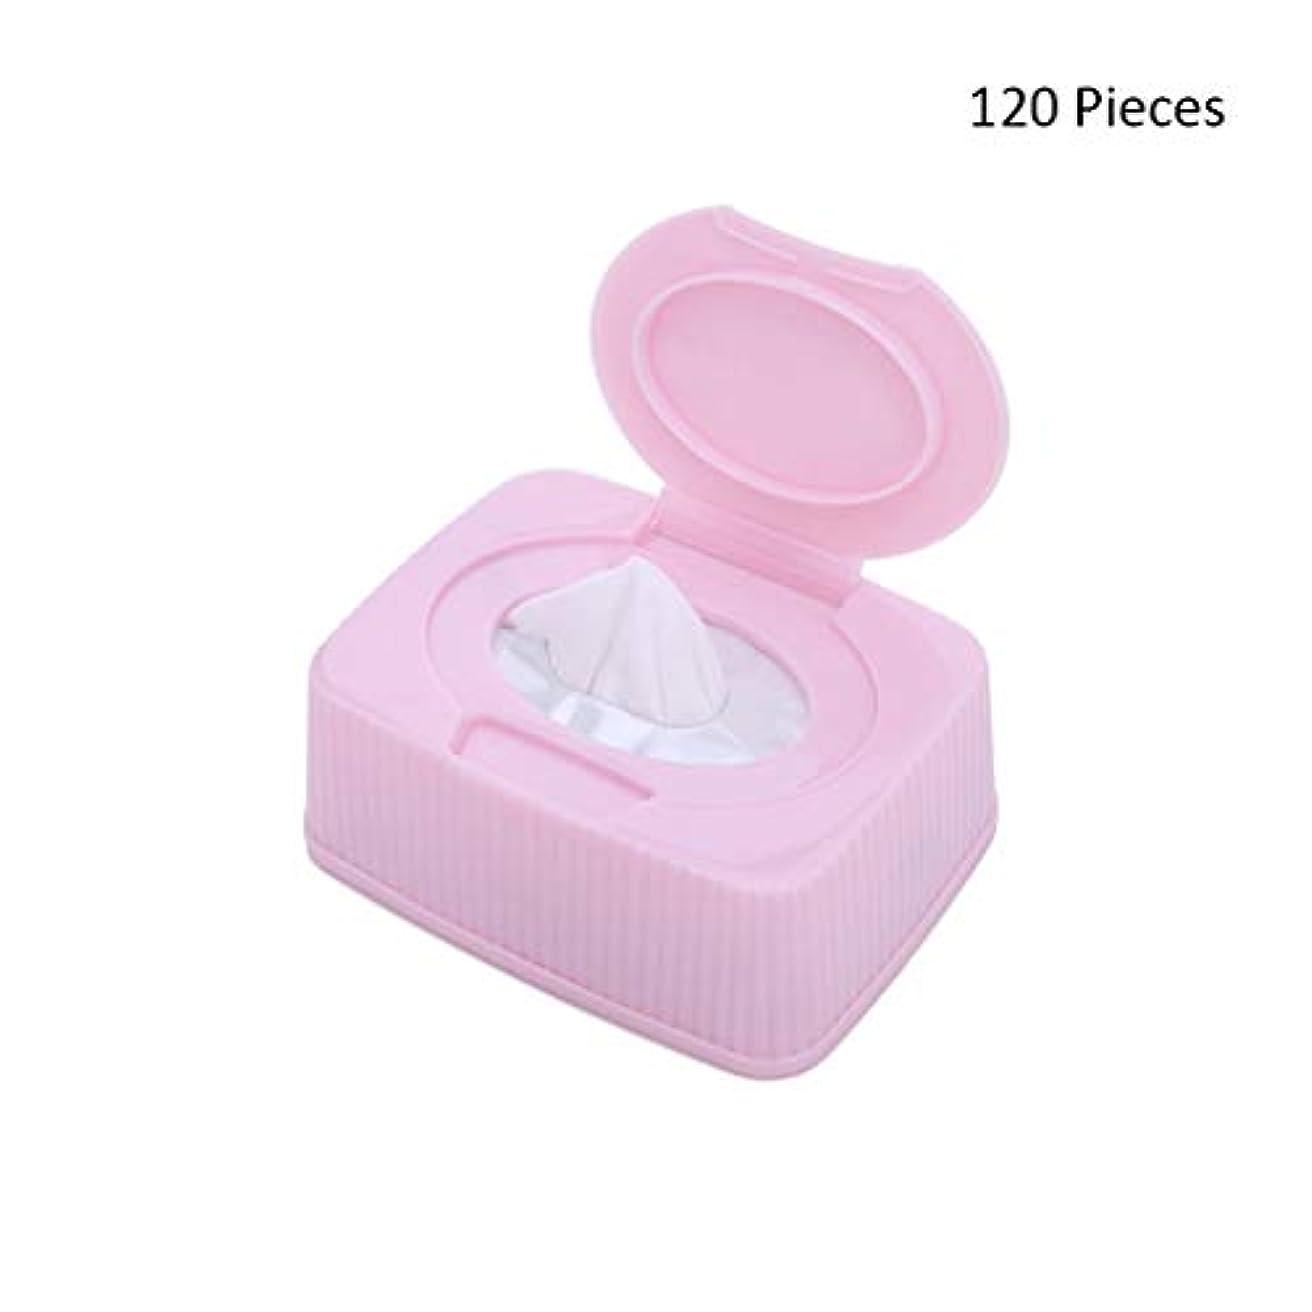 家事をするドキドキホイットニー120ピース/ボックスフェイスメイク落としフェイシャル化粧品リムーバーパッドメイクアップコットンクリーナースキンケアワイプフェイスウォッシュコットンパッド (Color : Pink, サイズ : 120 pieces)